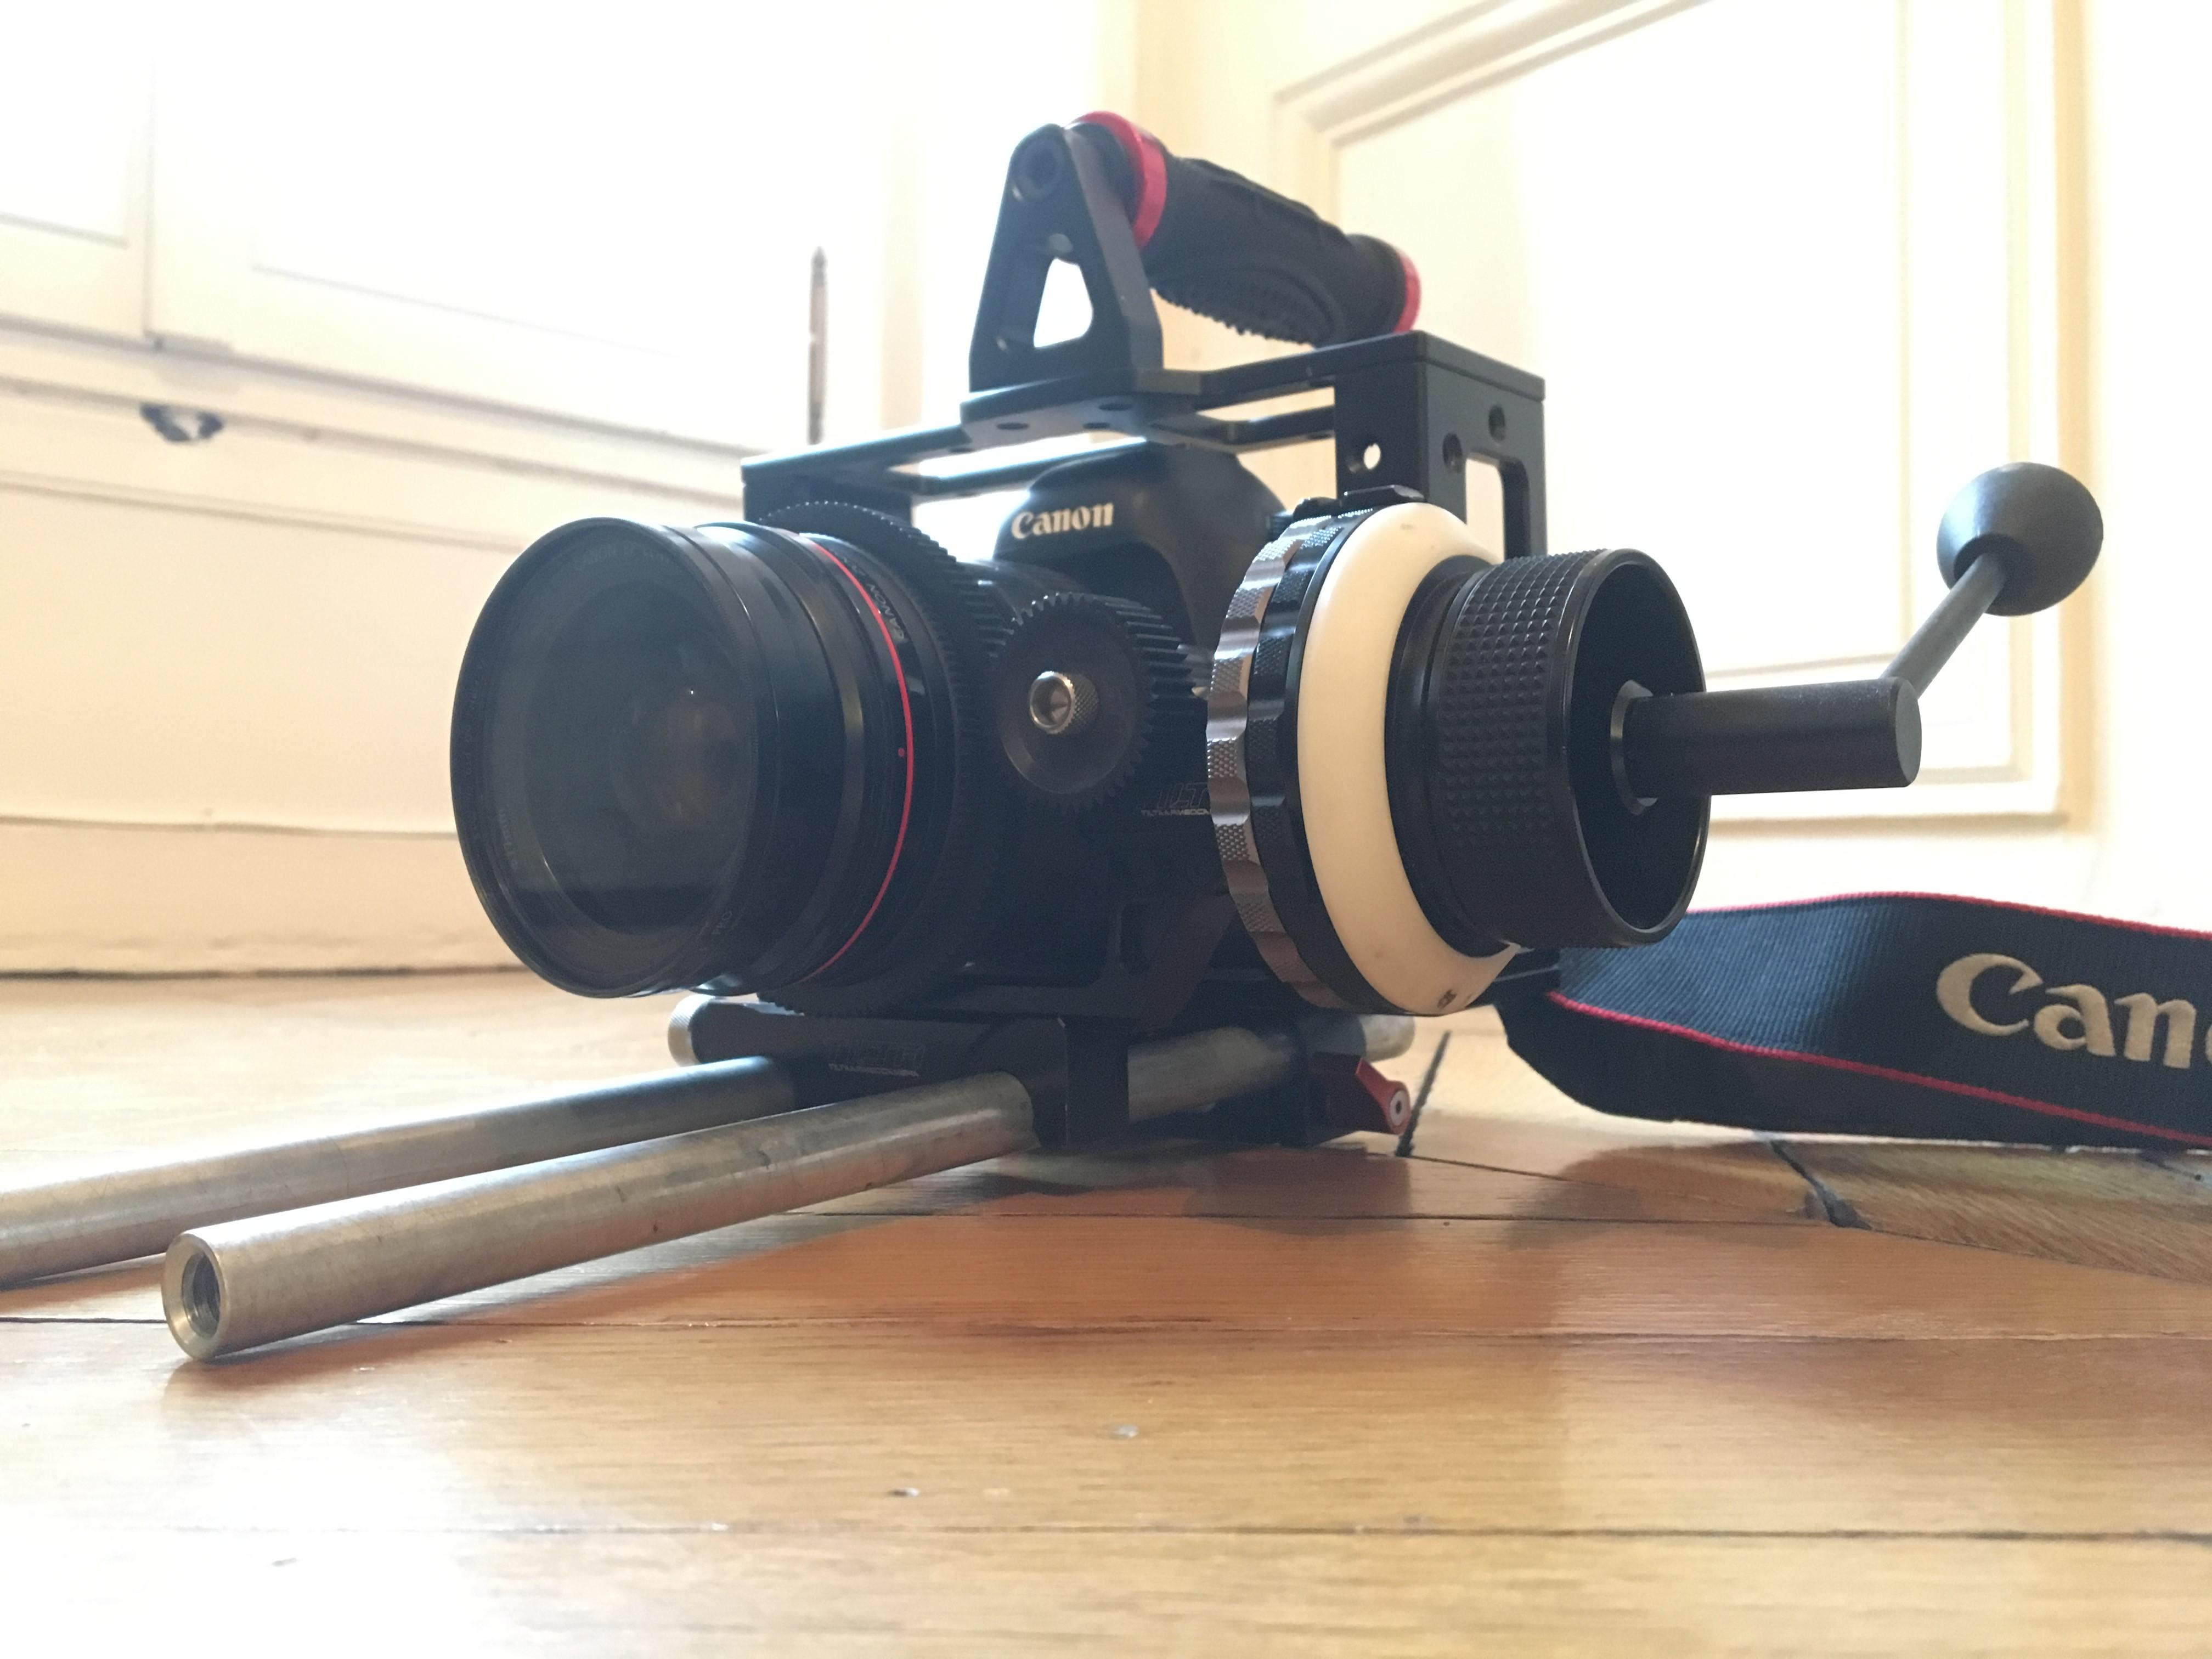 Vente Canon 5D Mark III + accessoires